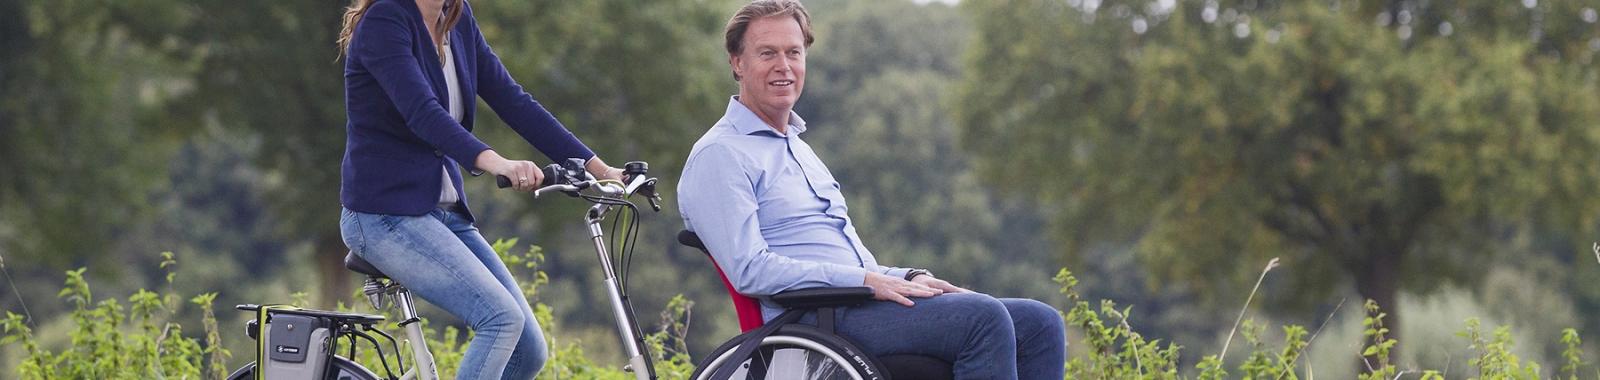 Welkom op de website van Harm Takke tweewielers. Ruim 20 jaar uw tweewieler specialist in Dinxperlo en omstreken.